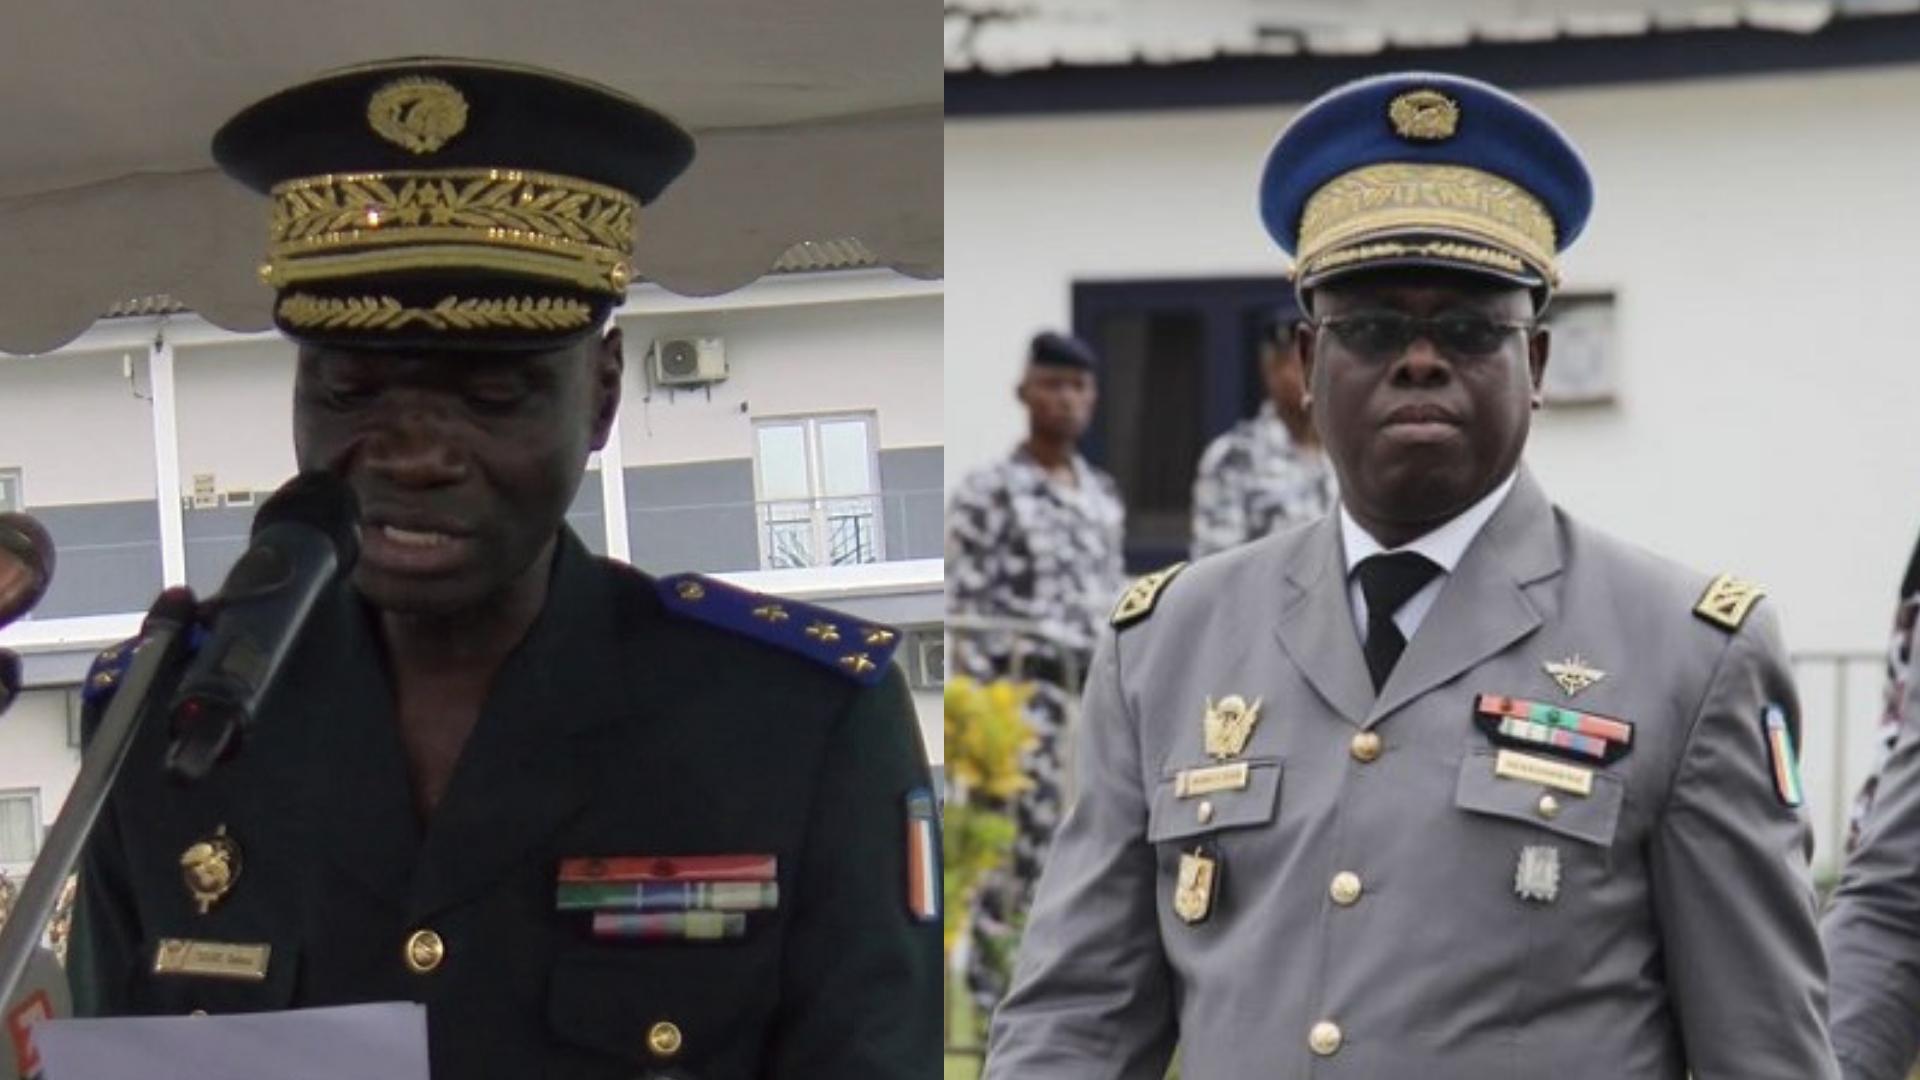 Armées,gendarmerie,commande,généraux,retraite